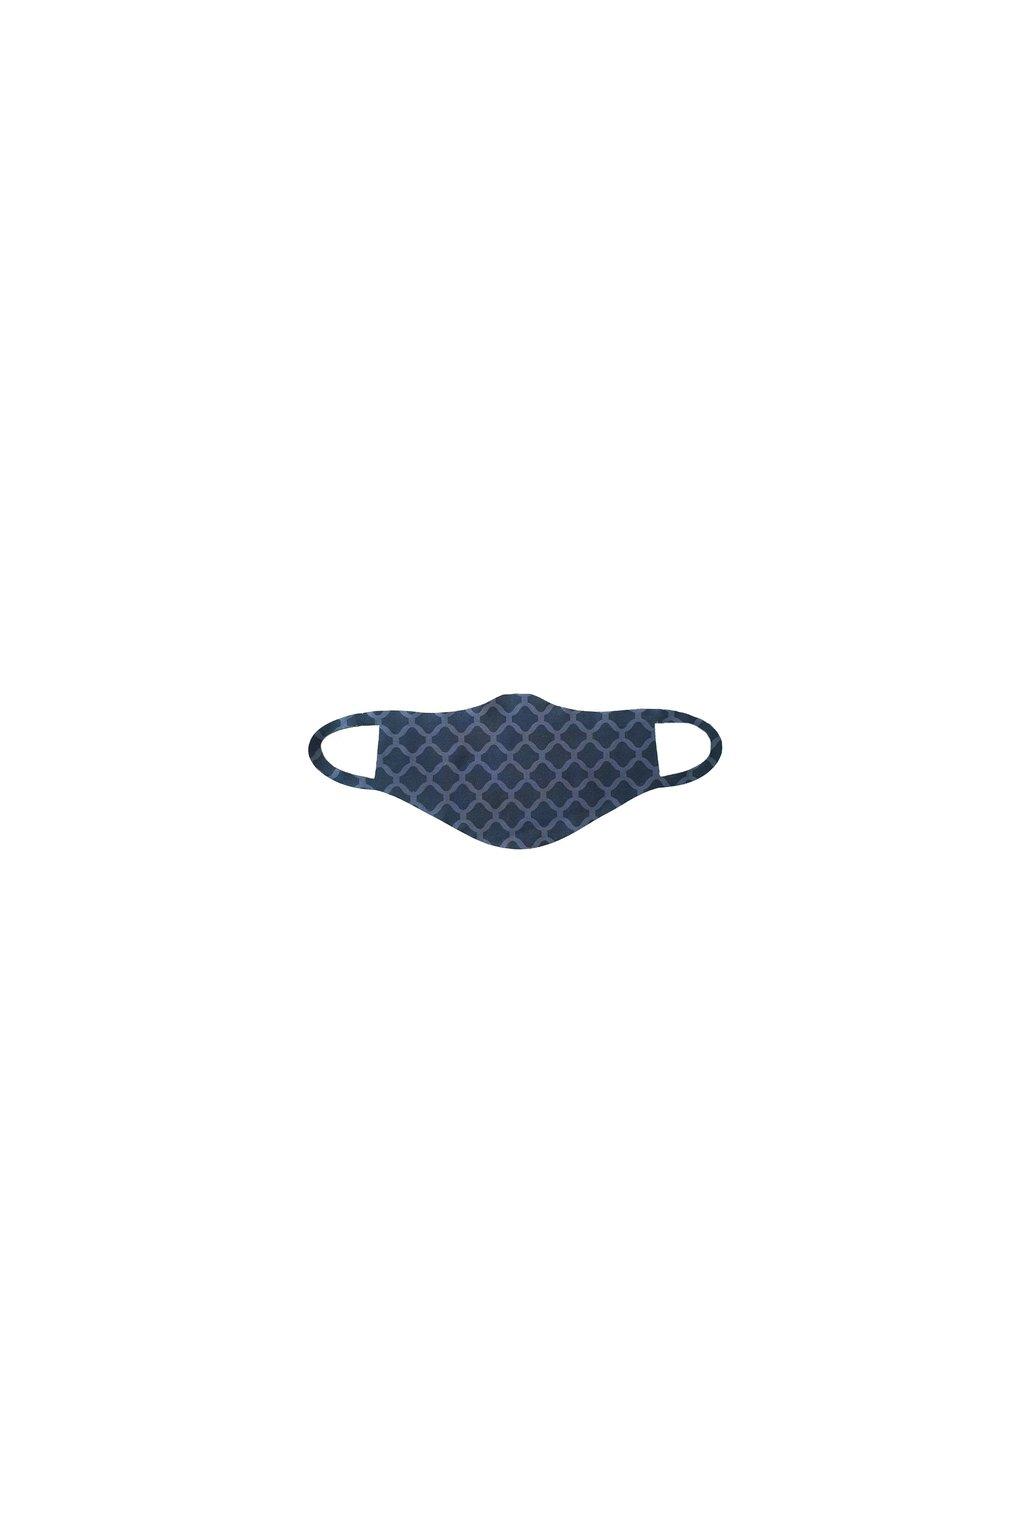 Maska Higieniczna Shiny Black MOH 90T 18129 679x706